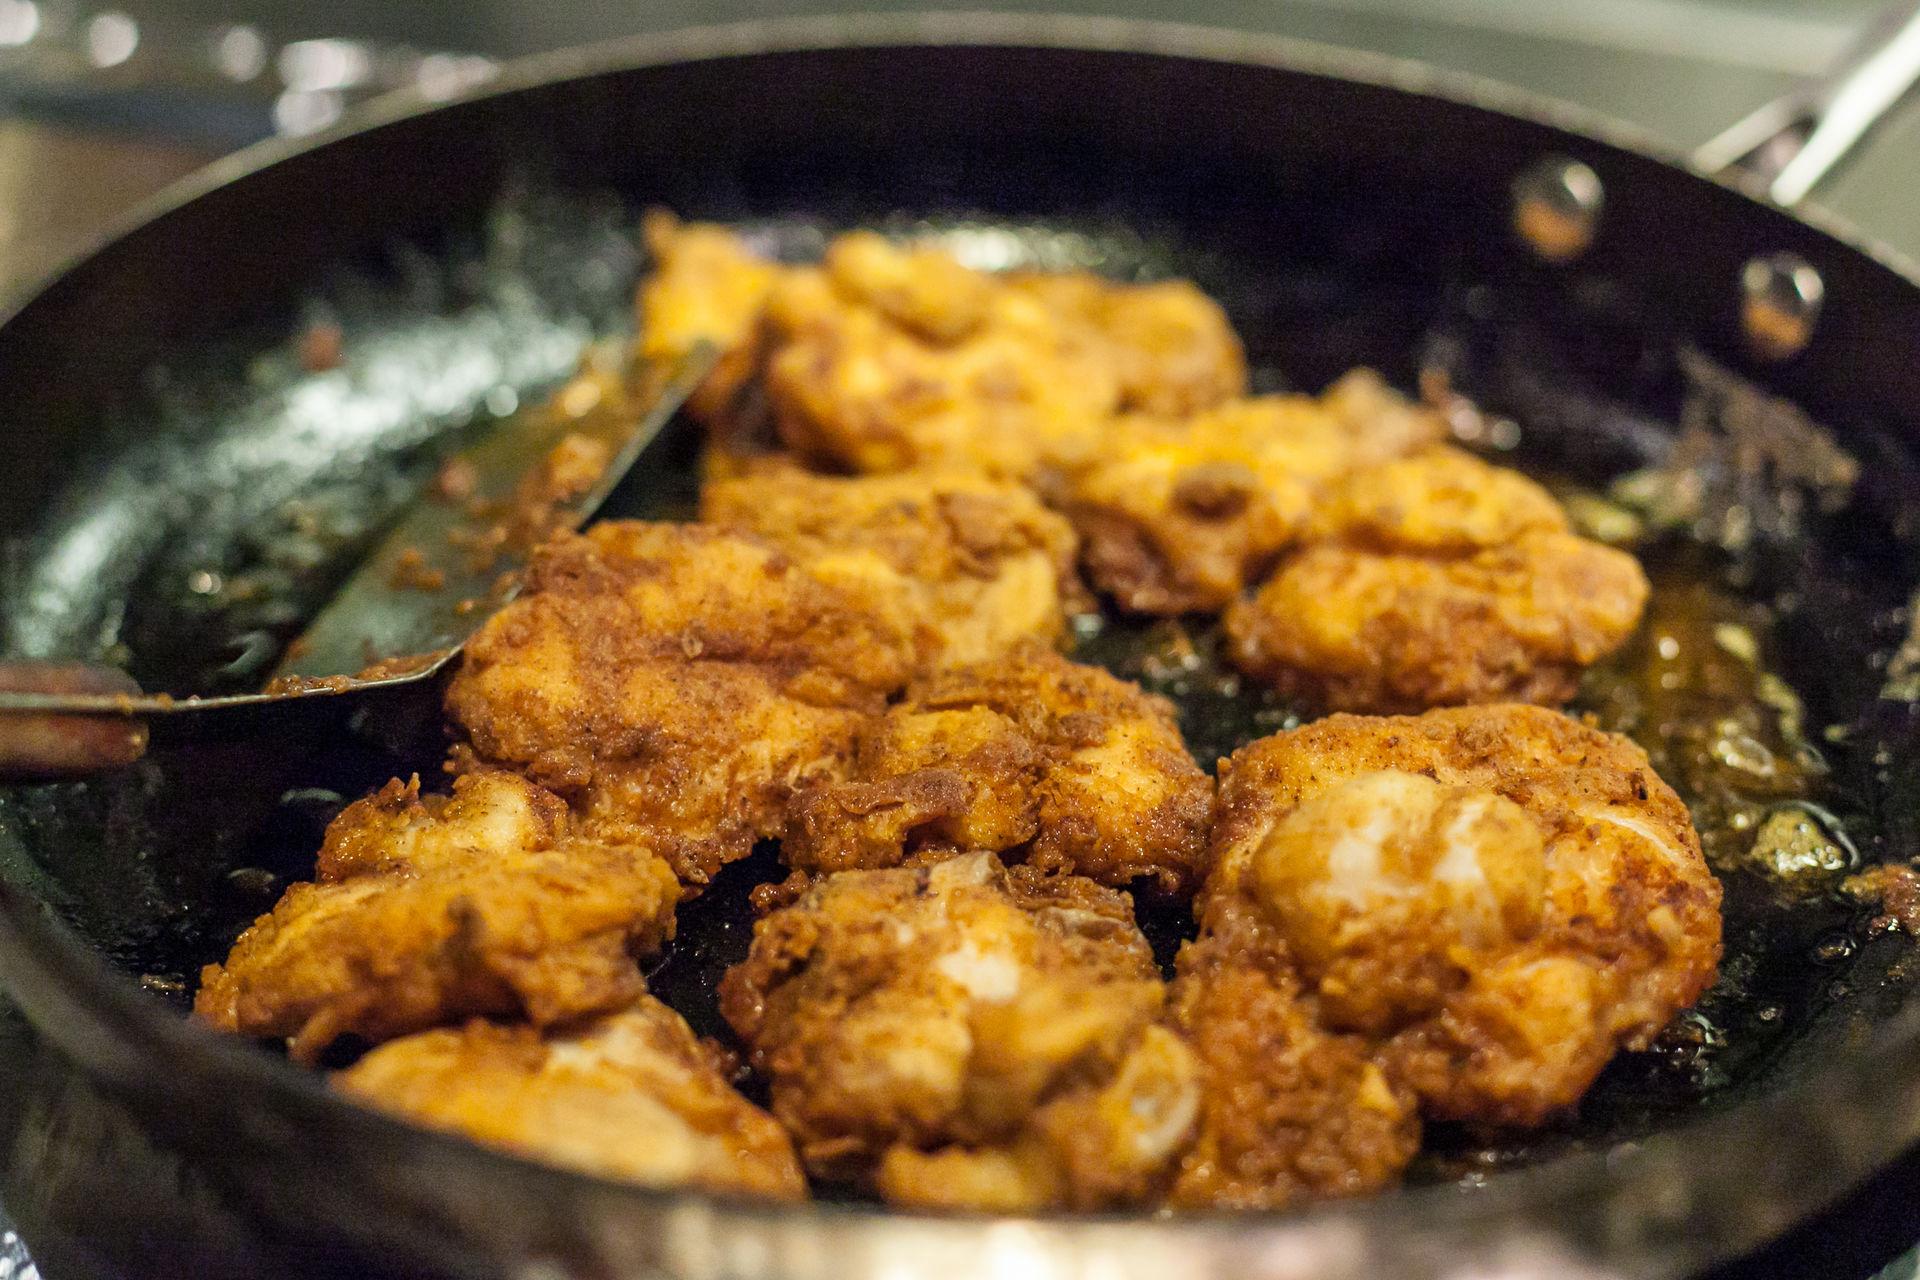 Torsketunger paneres og steikes i smør i panna. Enkel og god hverdagsmat, men nå også i pene restauranter © Konrad Koniesczny